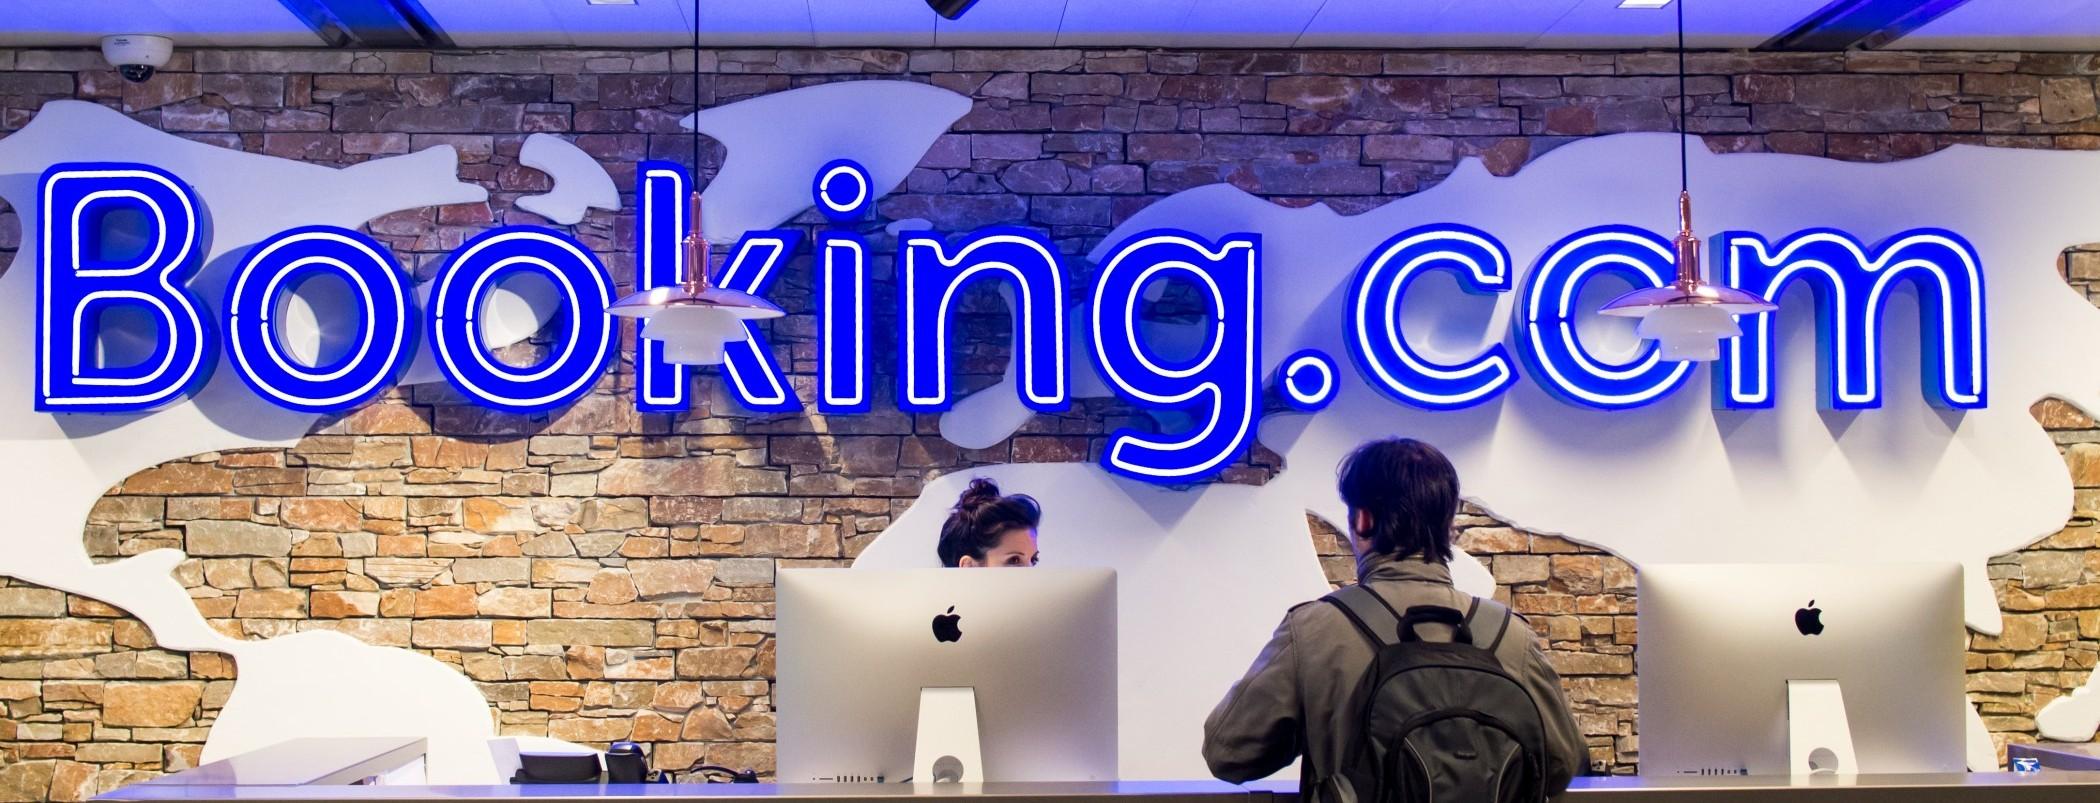 Booking.com предлагает скидки до 40 % к «черной пятнице»